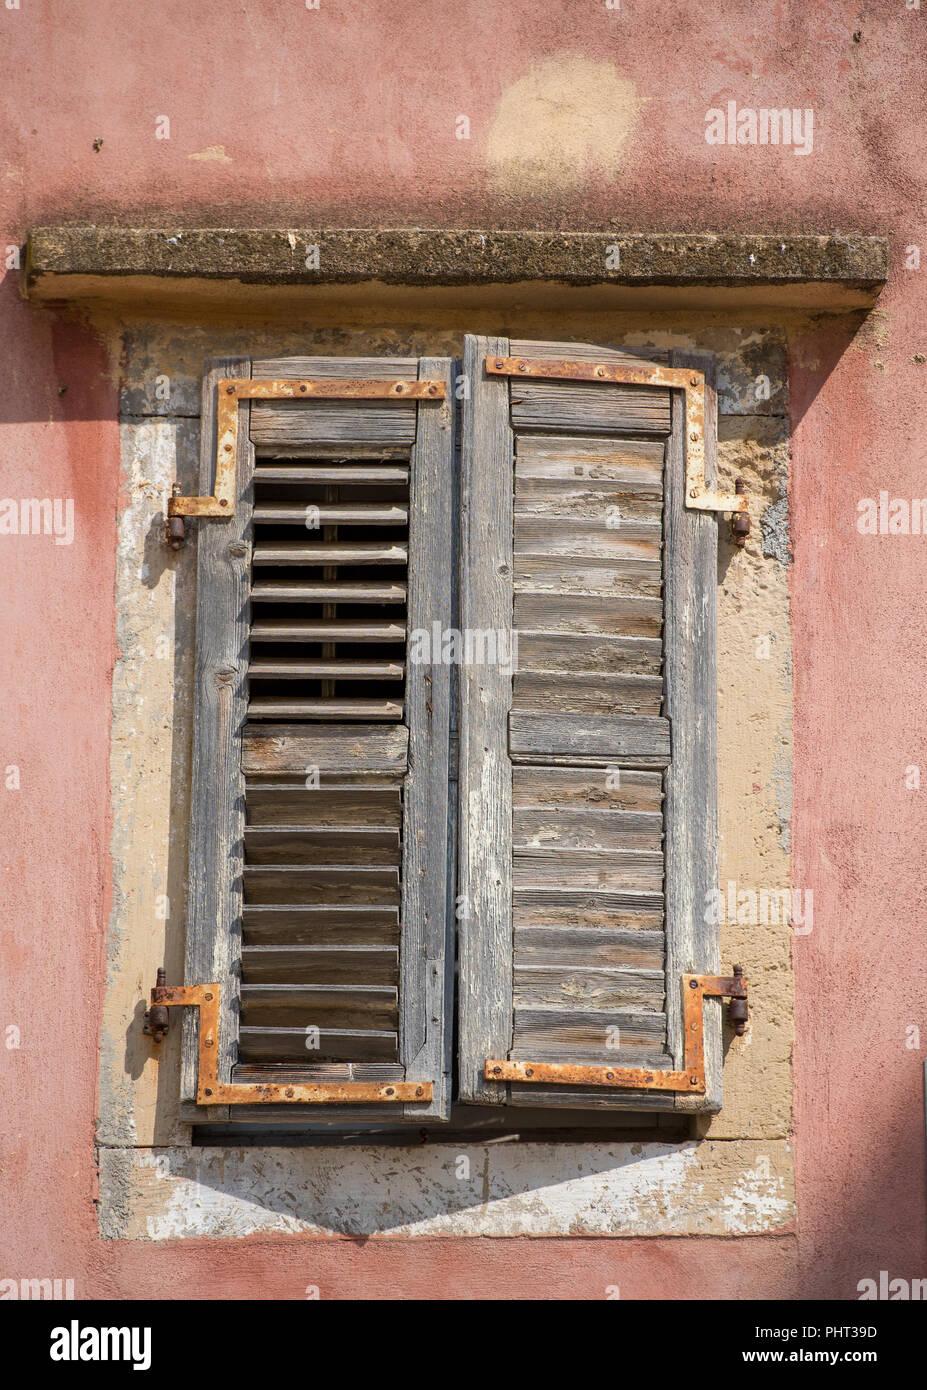 Eine alte griechische Gebäude mit abblätternder Farbe auf einige